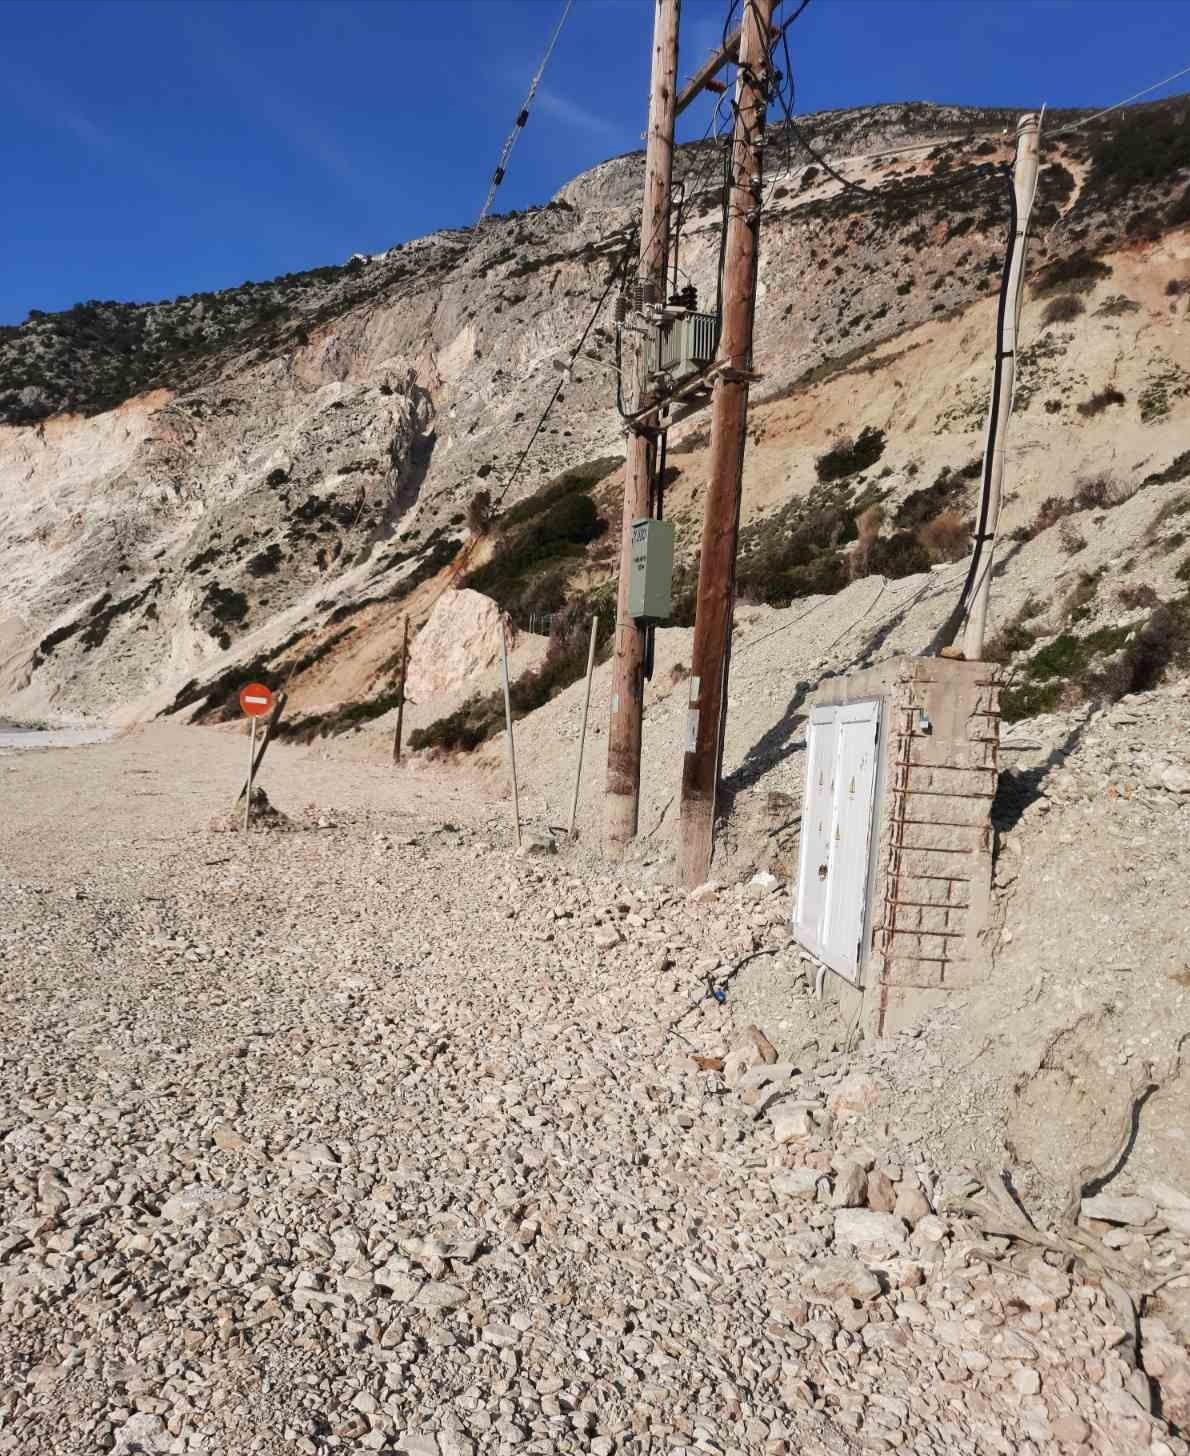 Ανδρέας Κωνσταντάτος: Μύρτος, μια έρημη παραλία  SOS σε ολόκληρη τη βόρεια Κεφαλονιά [εικόνες]